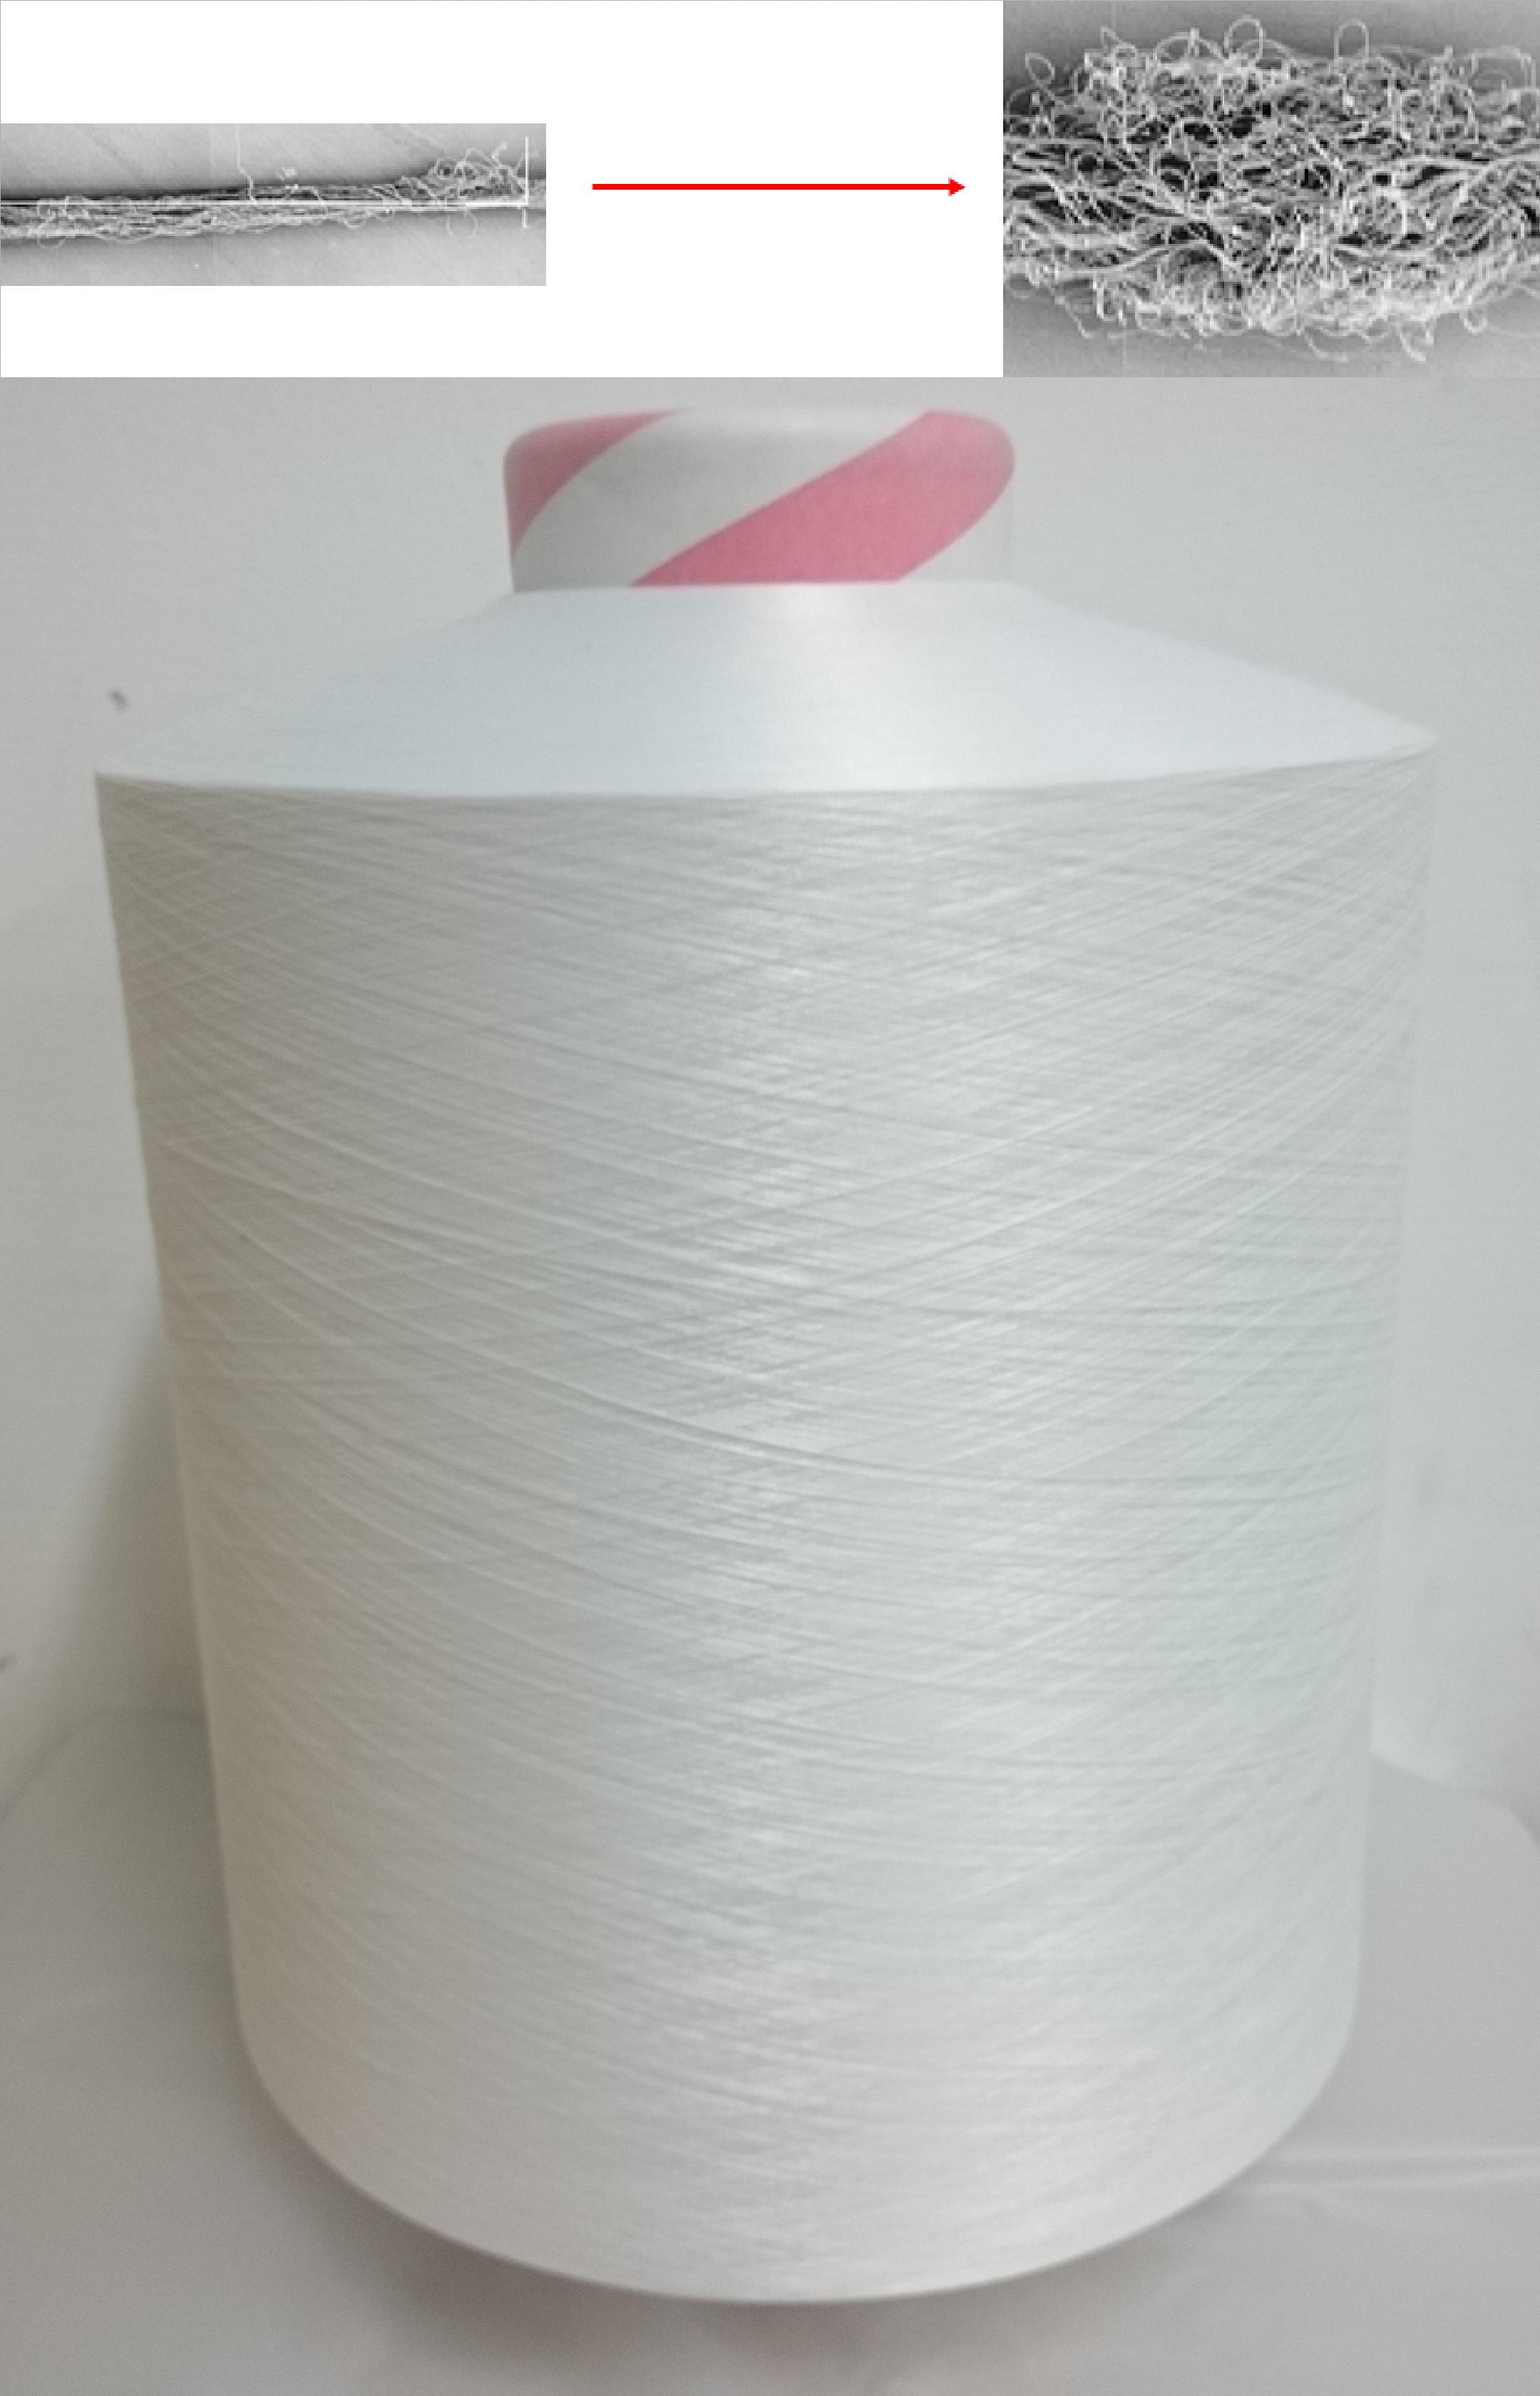 multi-filament fine denier differential shrinkage filament